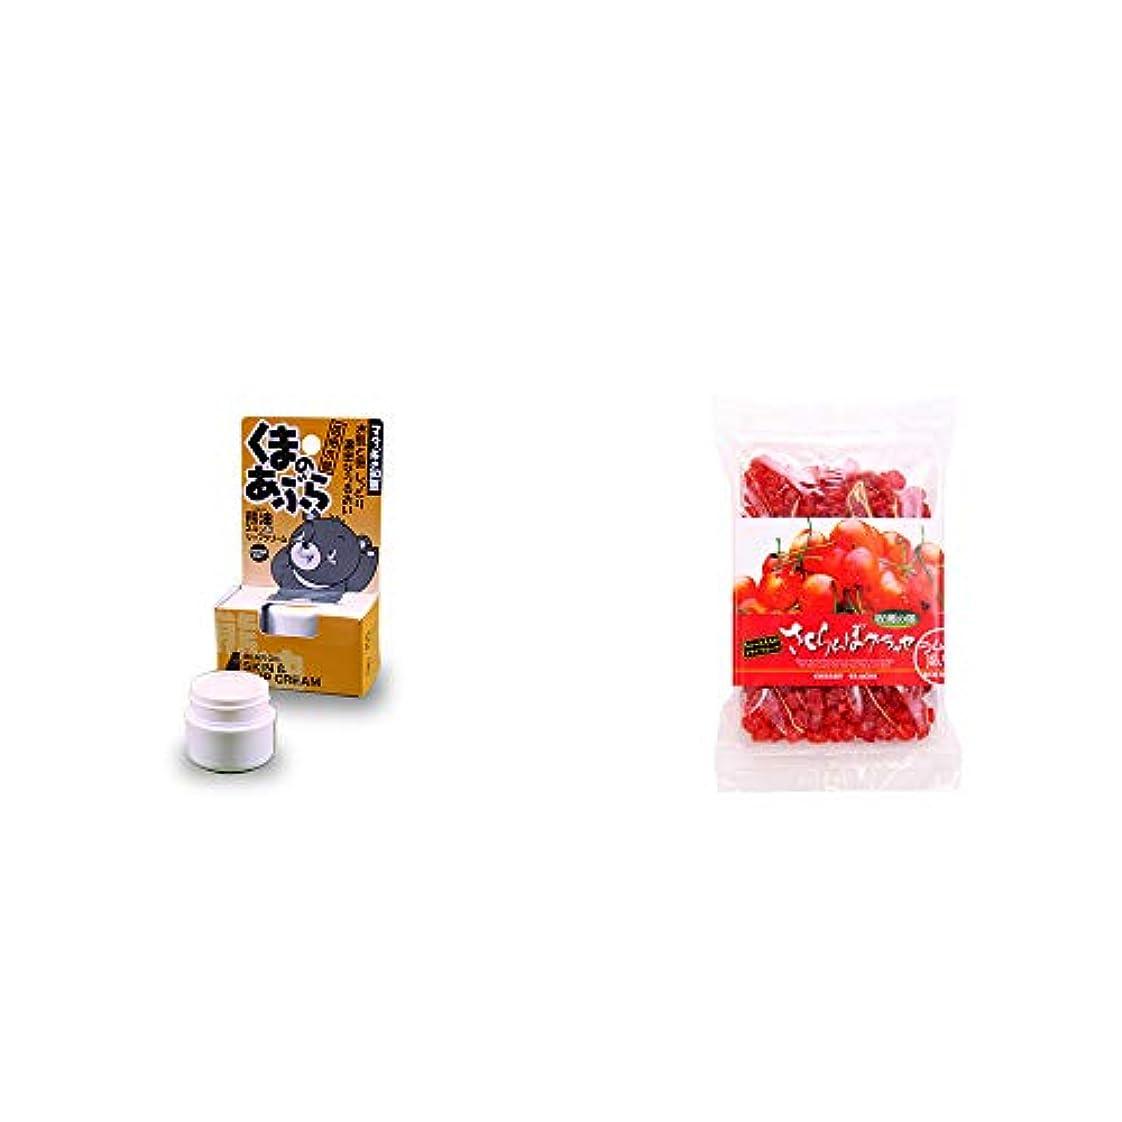 手抑圧フック[2点セット] 信州木曽 くまのあぶら 熊油スキン&リップクリーム(9g)?収穫の朝 さくらんぼグラッセ ラム酒風味(180g)